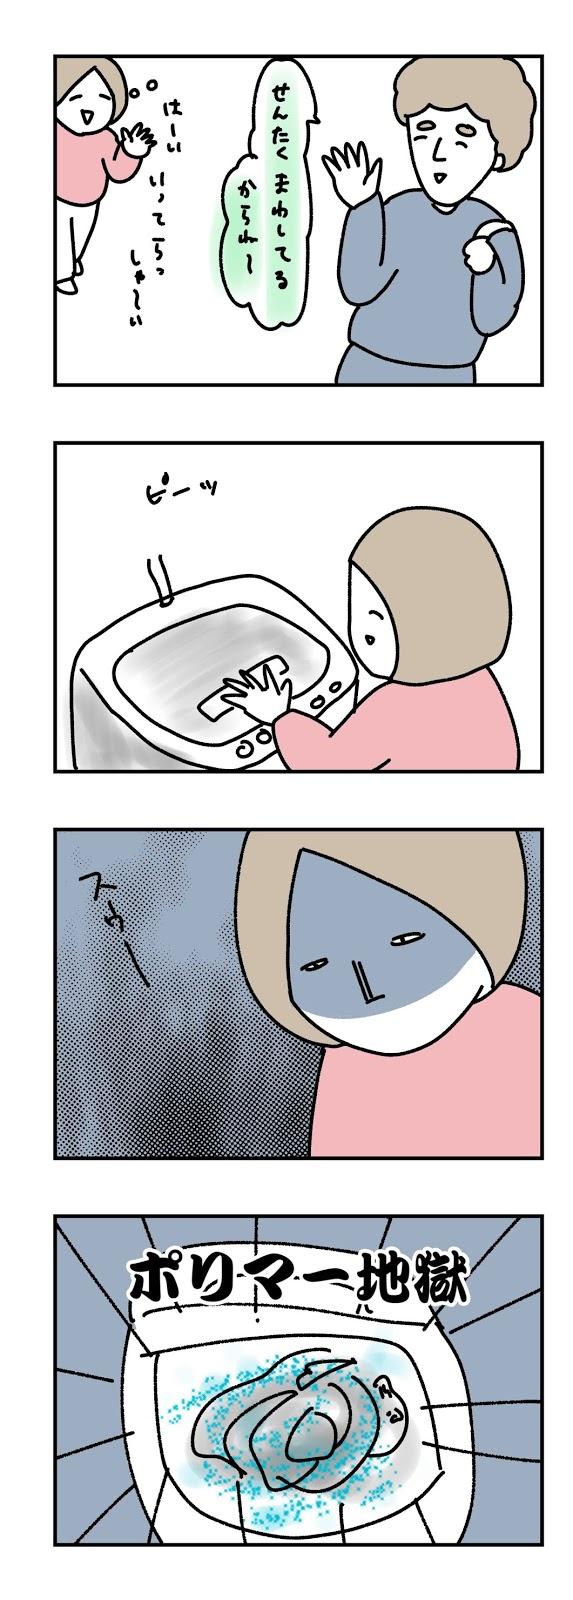 洗濯機を夫が回してくれてたんだけど終了後中をみたらオムツのポリマーだらけで泣けた4コマ漫画